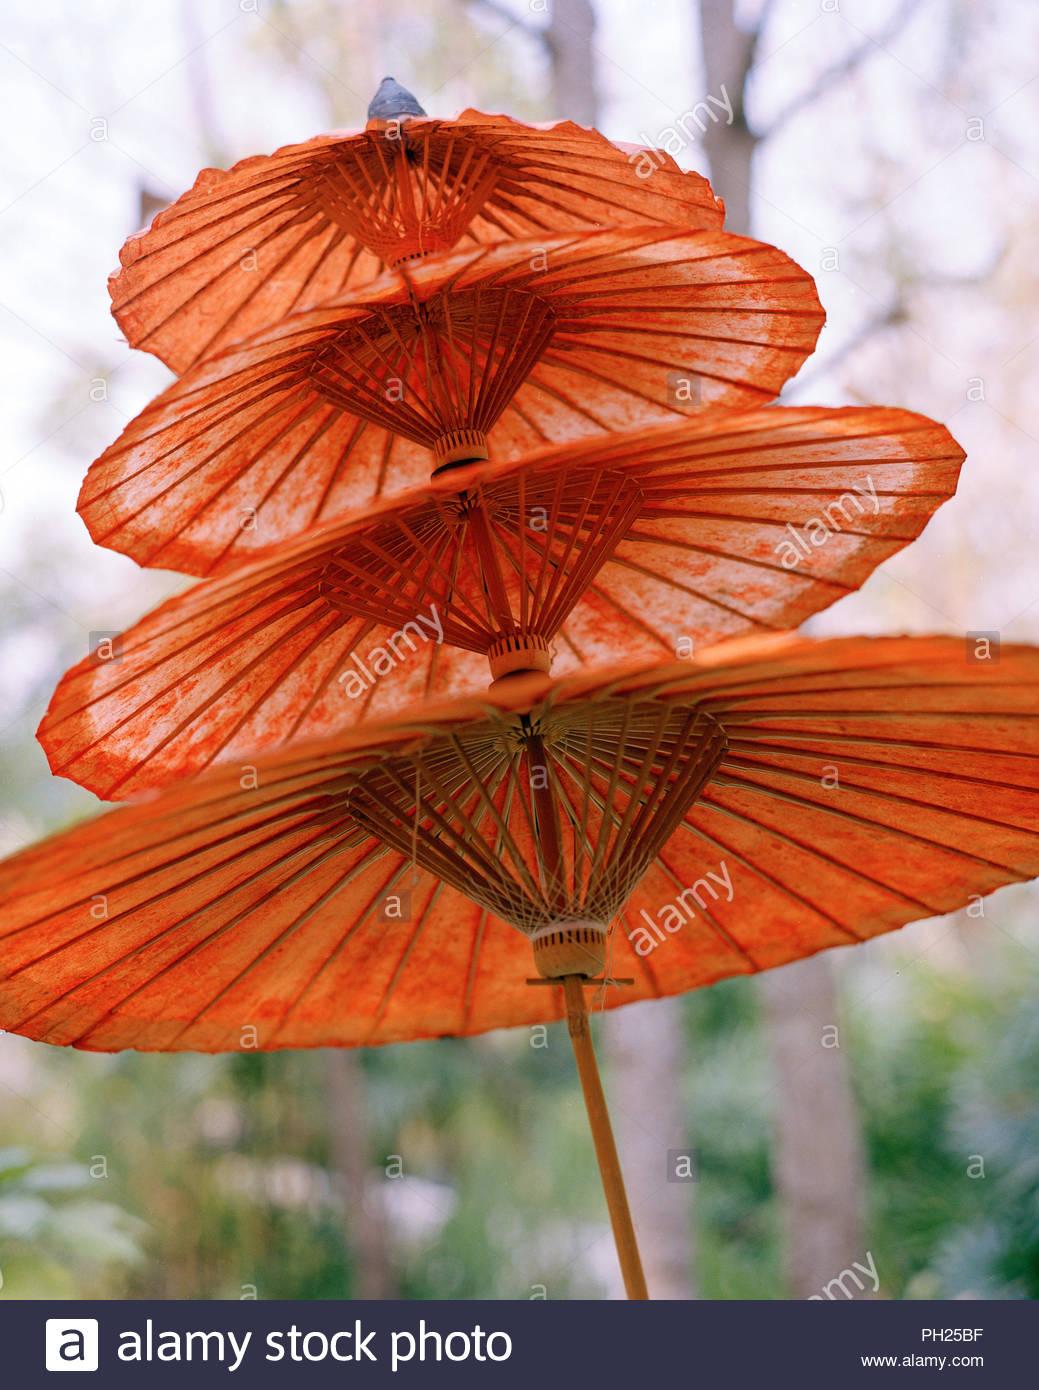 Orange umbrellas - Stock Image